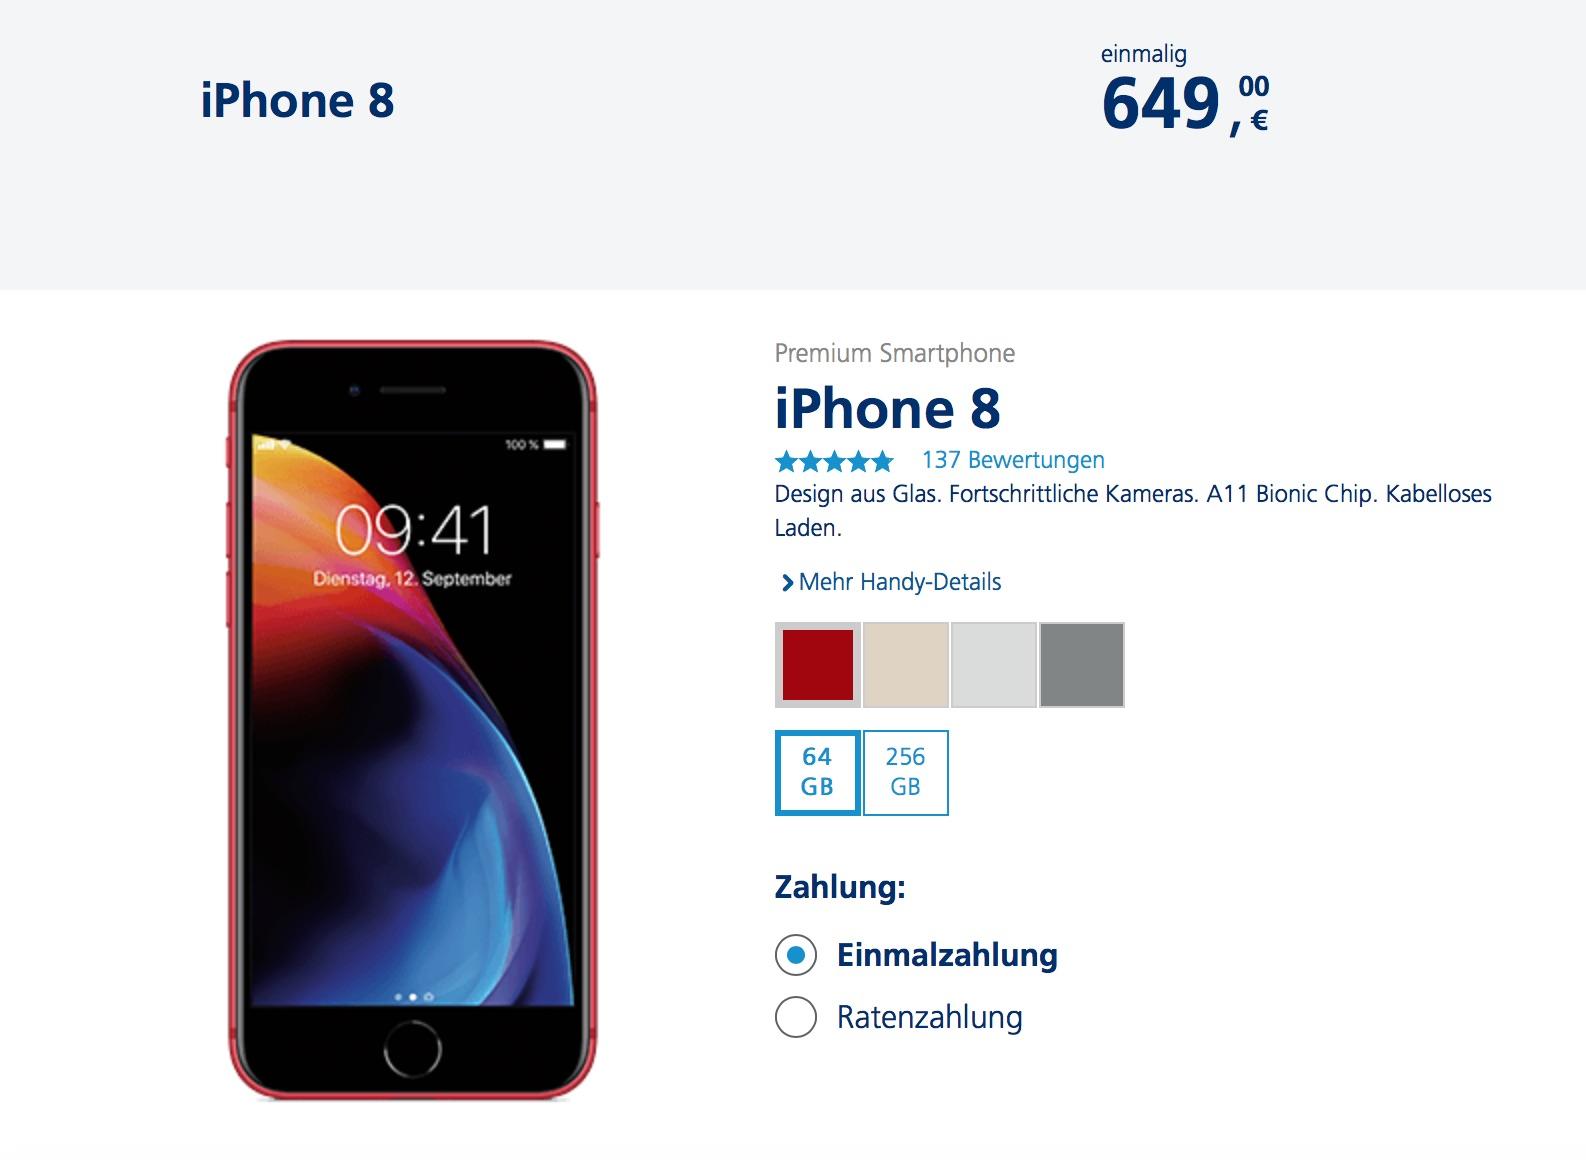 iphone x mit raten kaufen